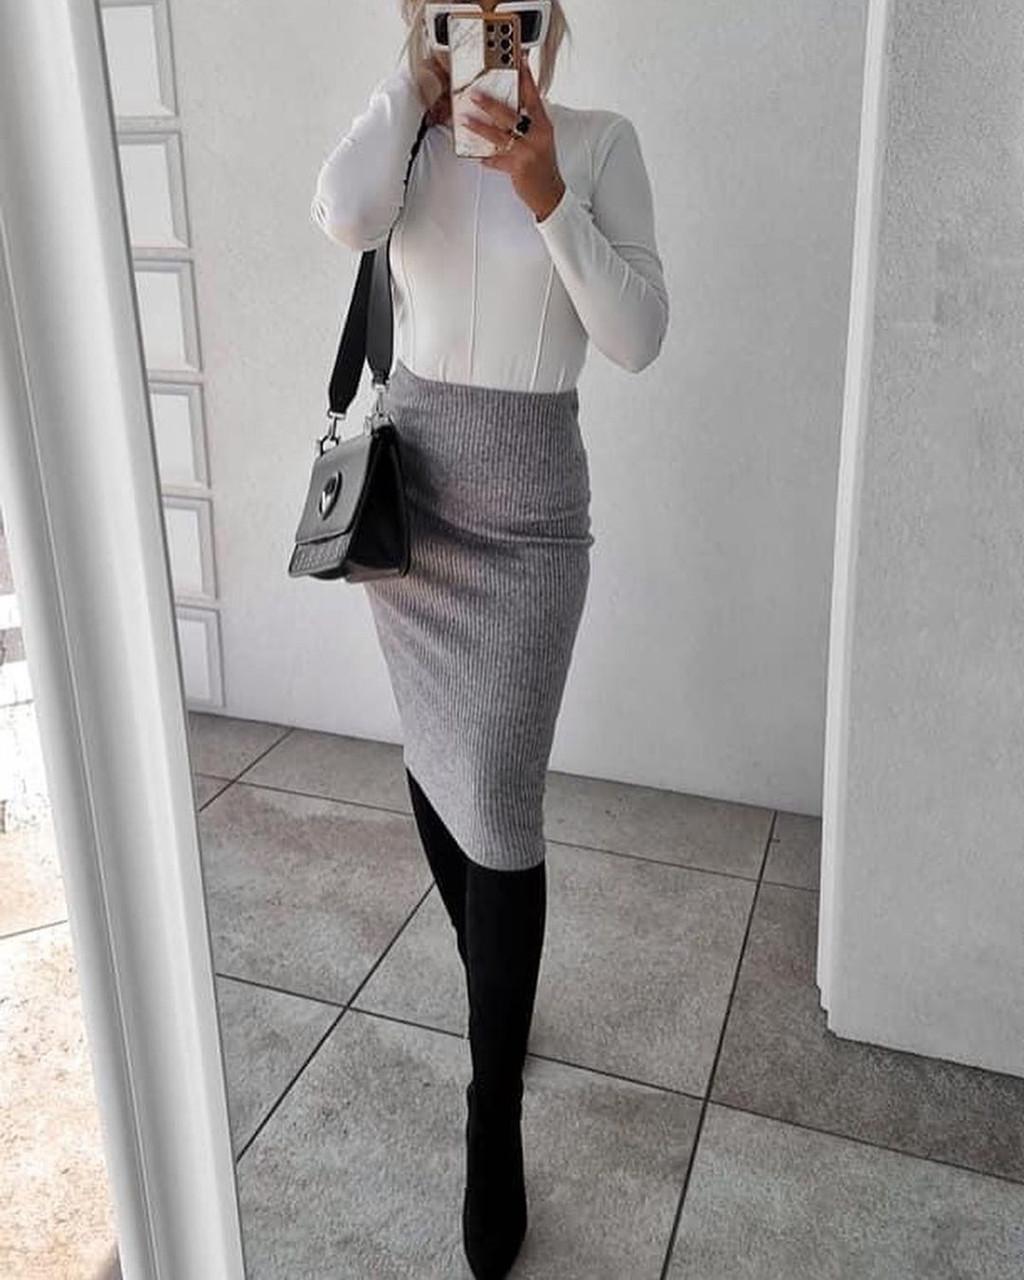 Женская юбка, трикотаж рубчик, р-р 42-44; 44-46 (серый)